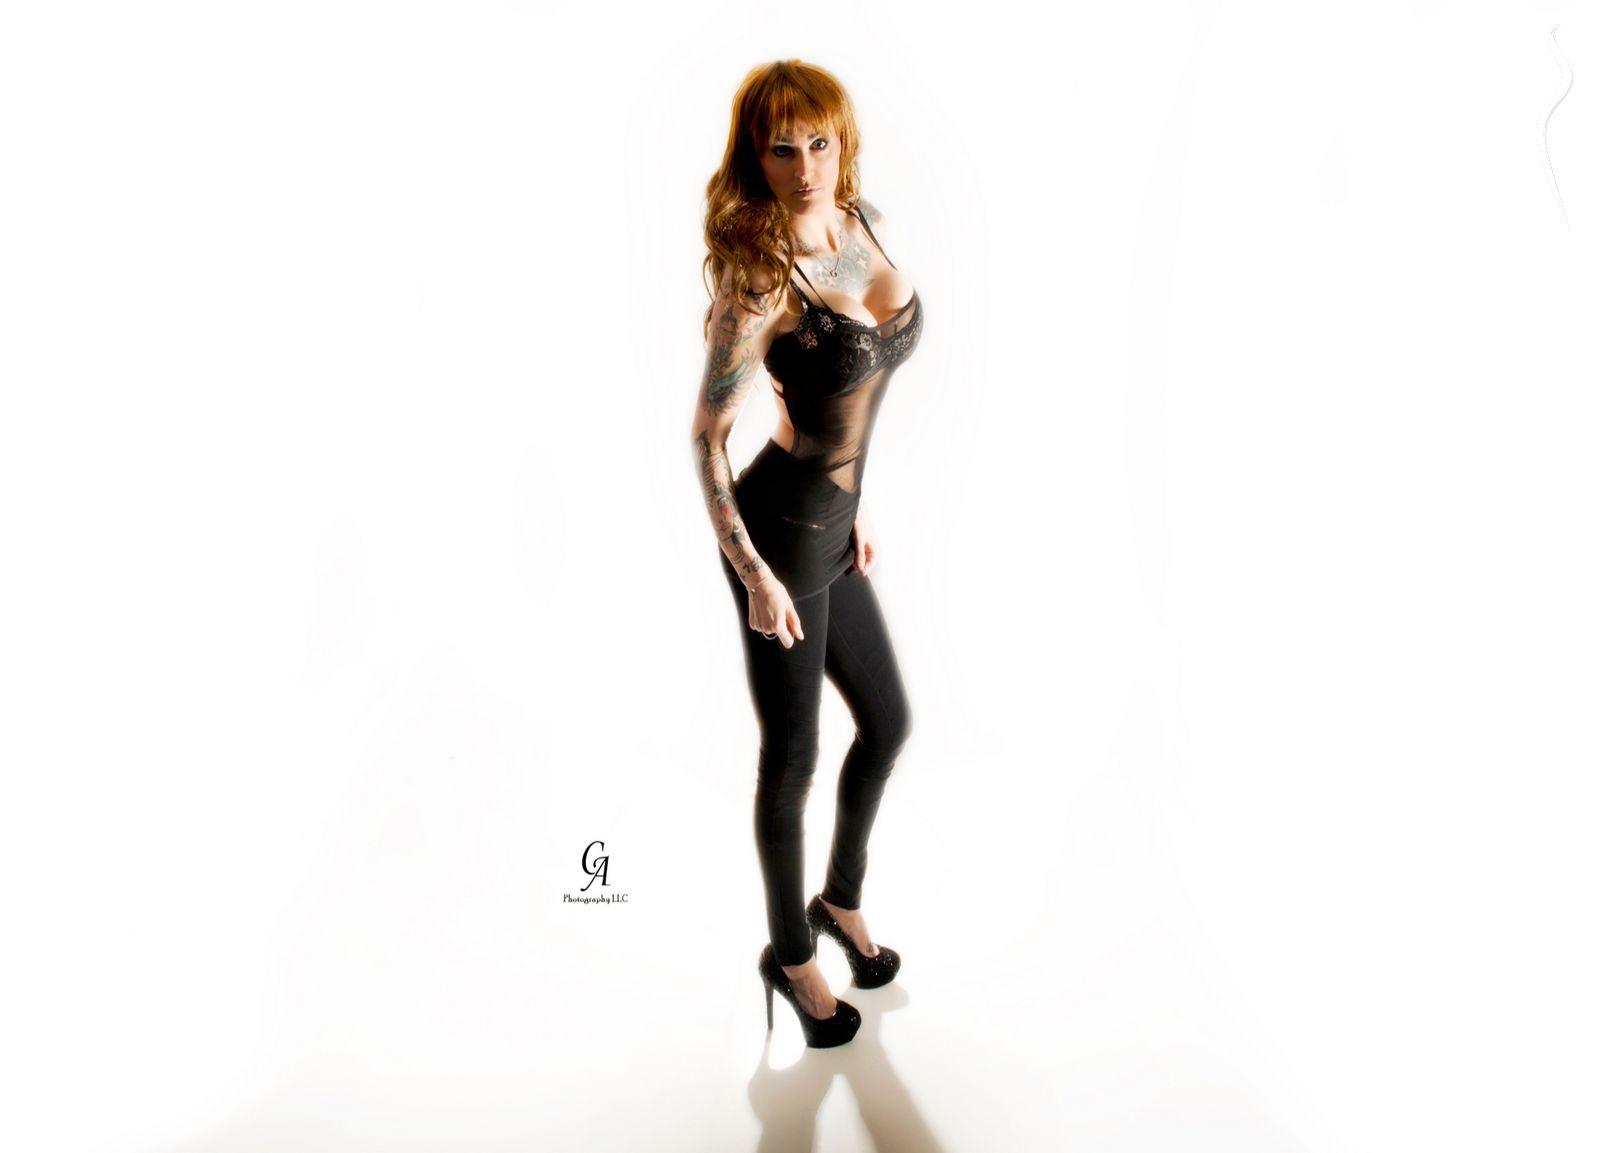 Lillie Nyx Nude Photos 55